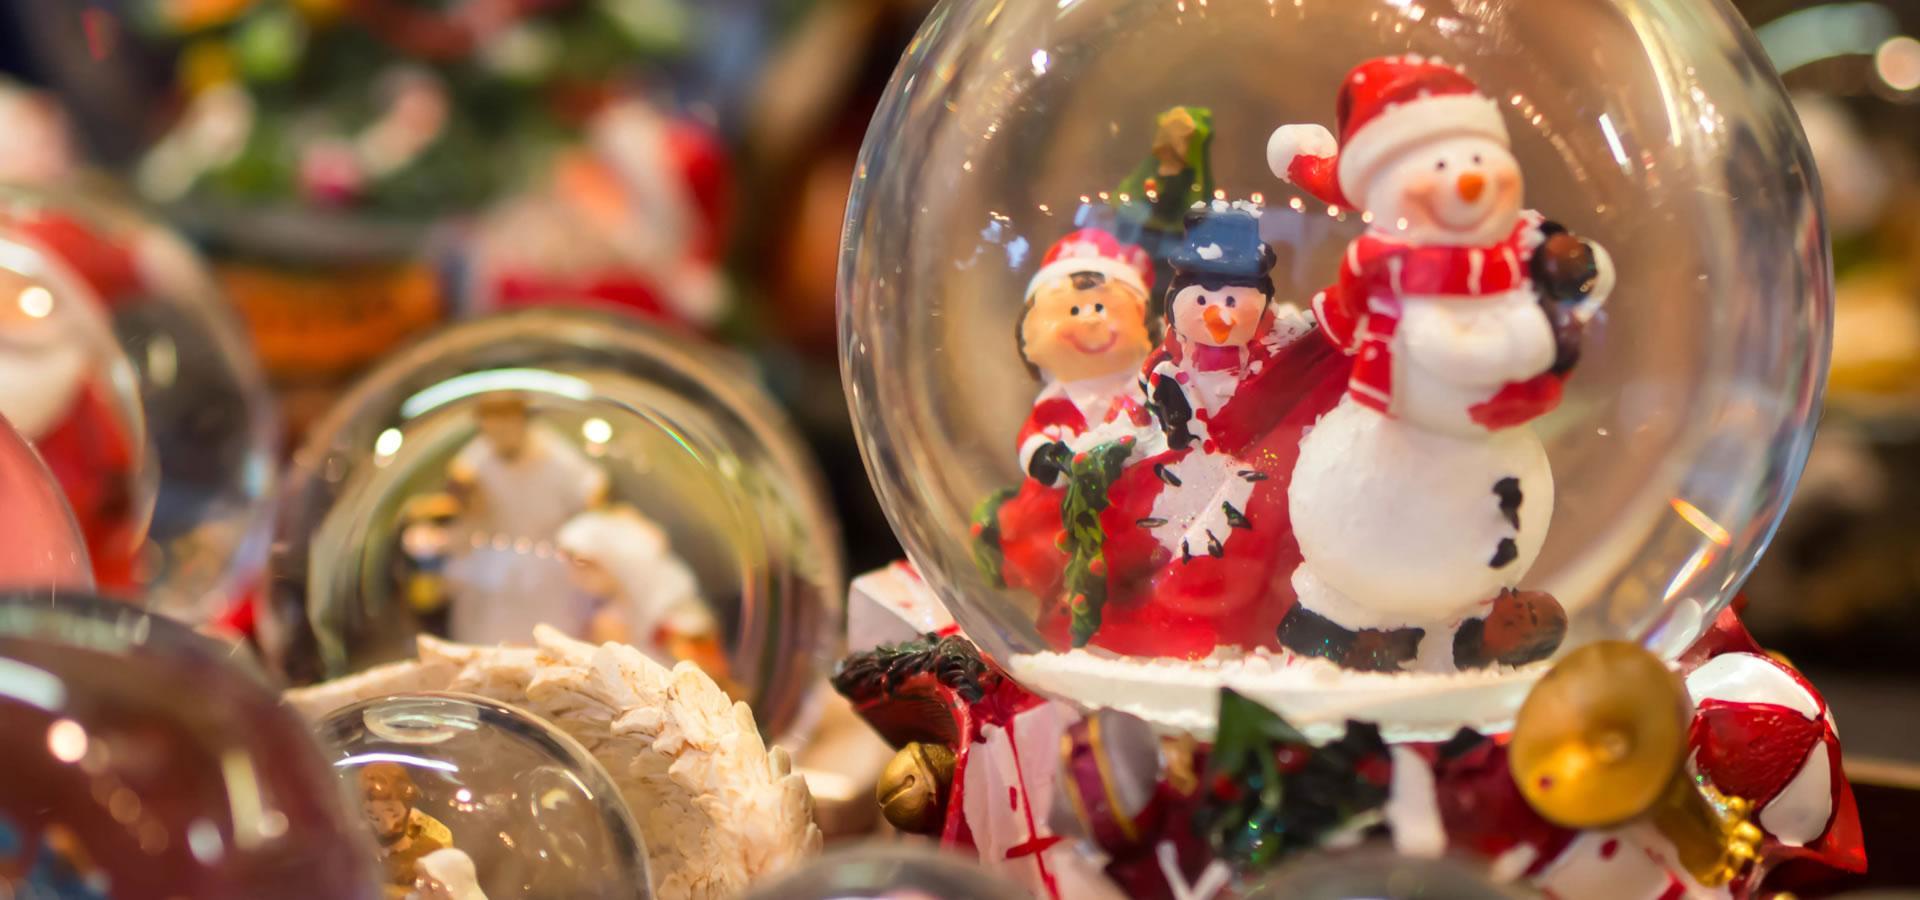 Des idées de cadeaux de Noël toulousains